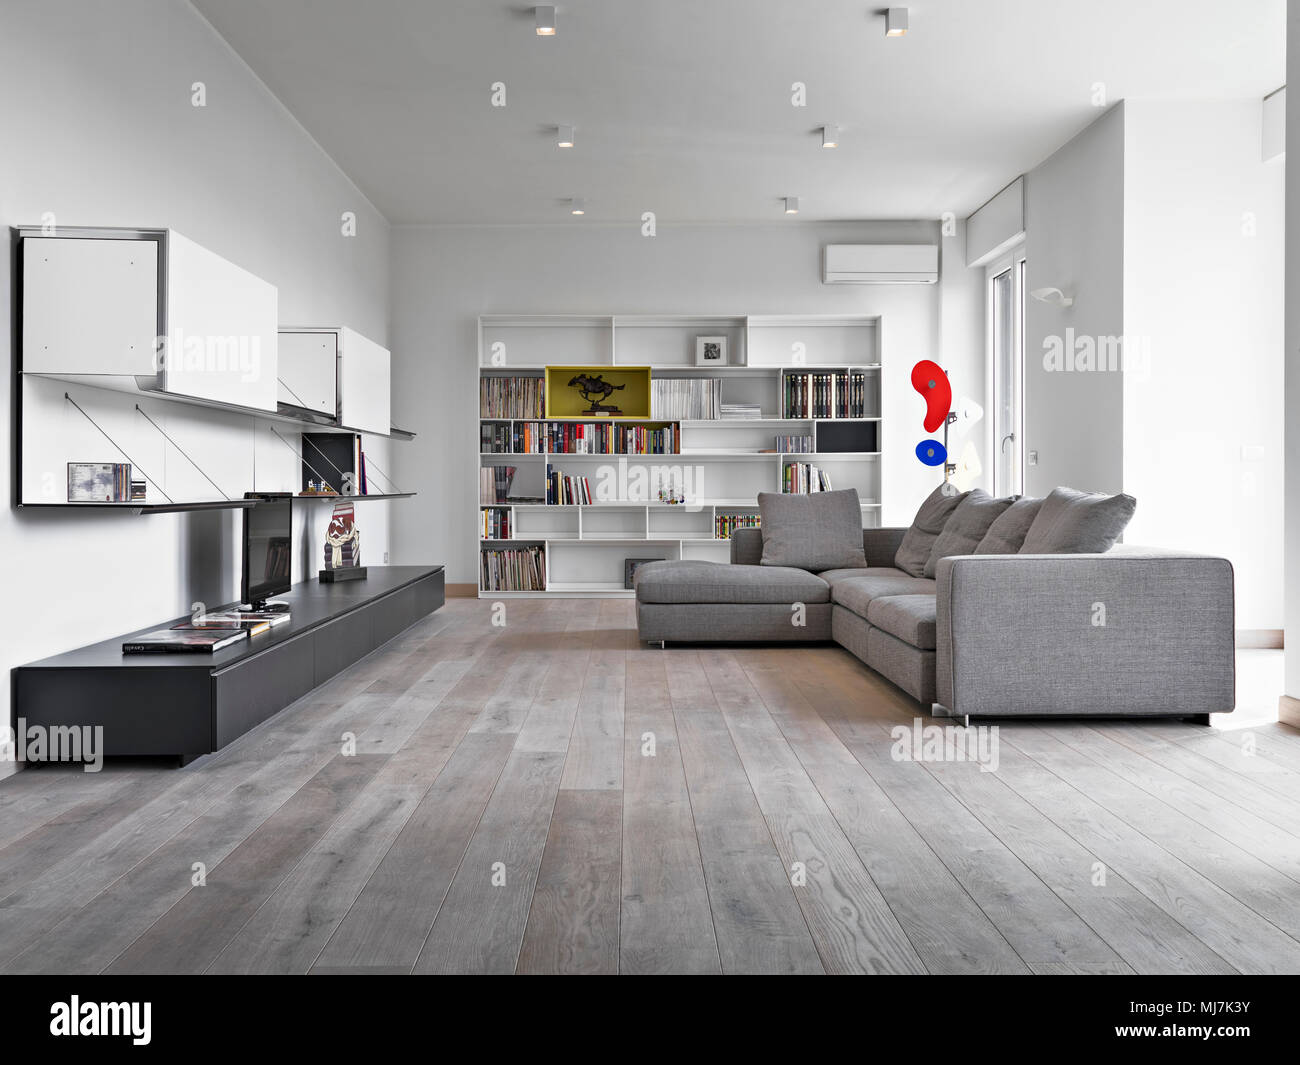 Interieur Schusse Eines Modernen Wohnzimmer Mit Grauer Stoff Sofa